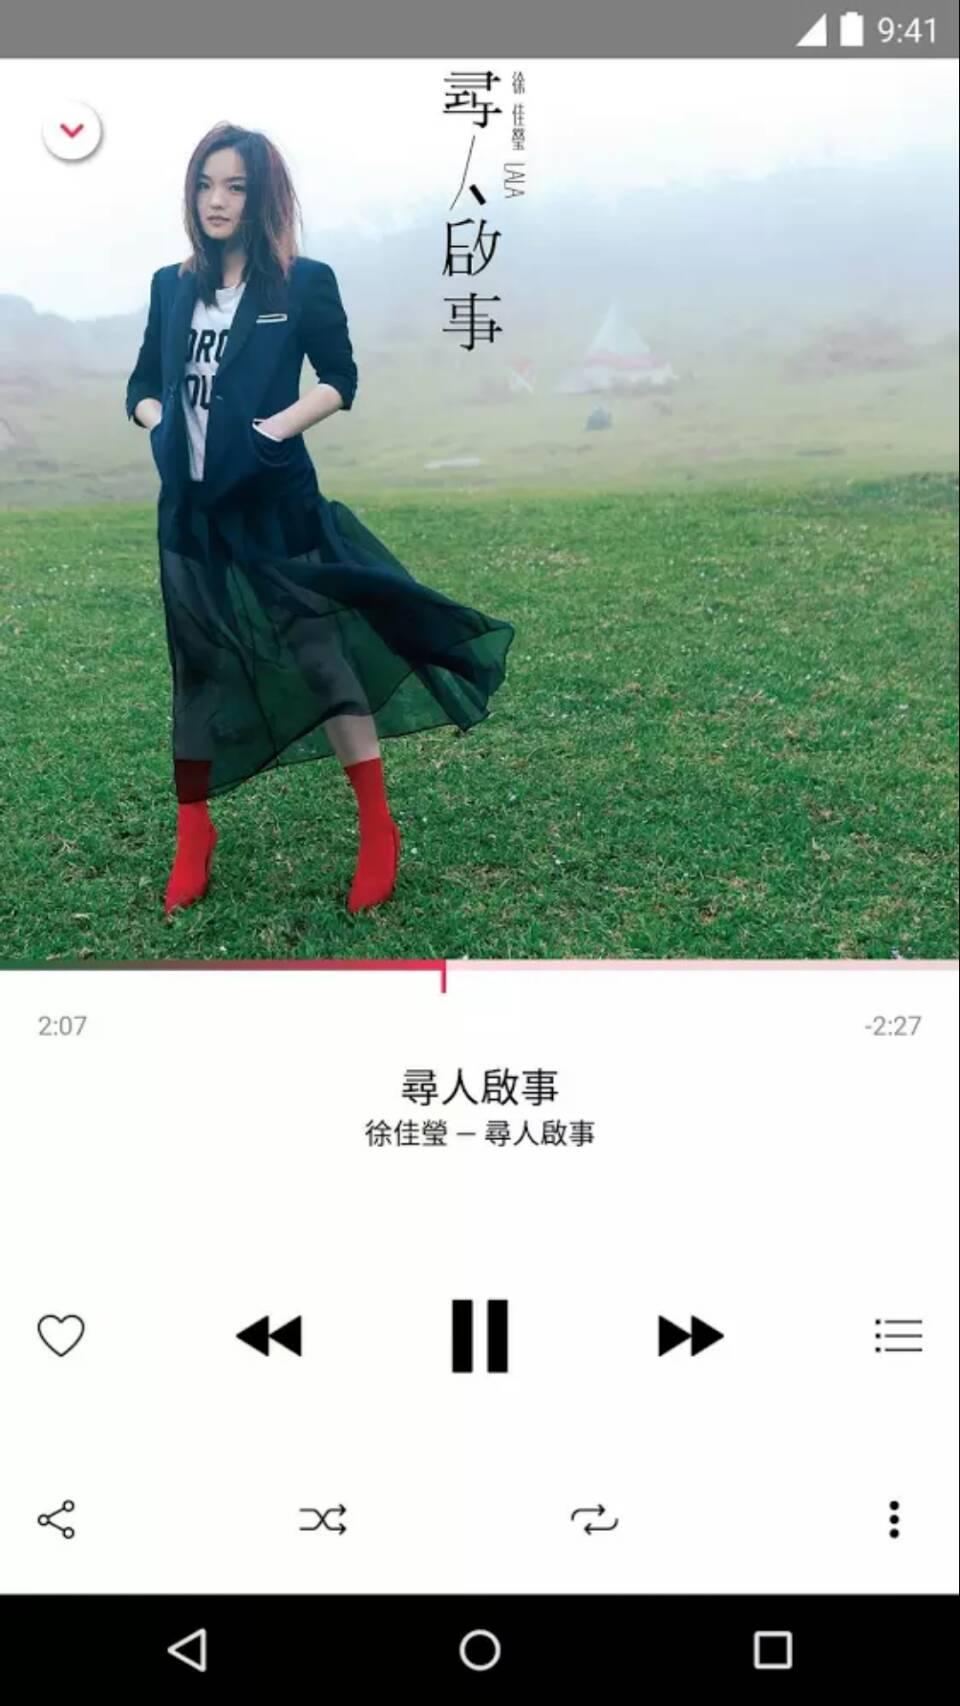 外國歌曲非常豐富,但是中文歌曲較少,而且沒有歌詞,需要再另外下載Musixmatch才可以有同步的歌詞出現喔!